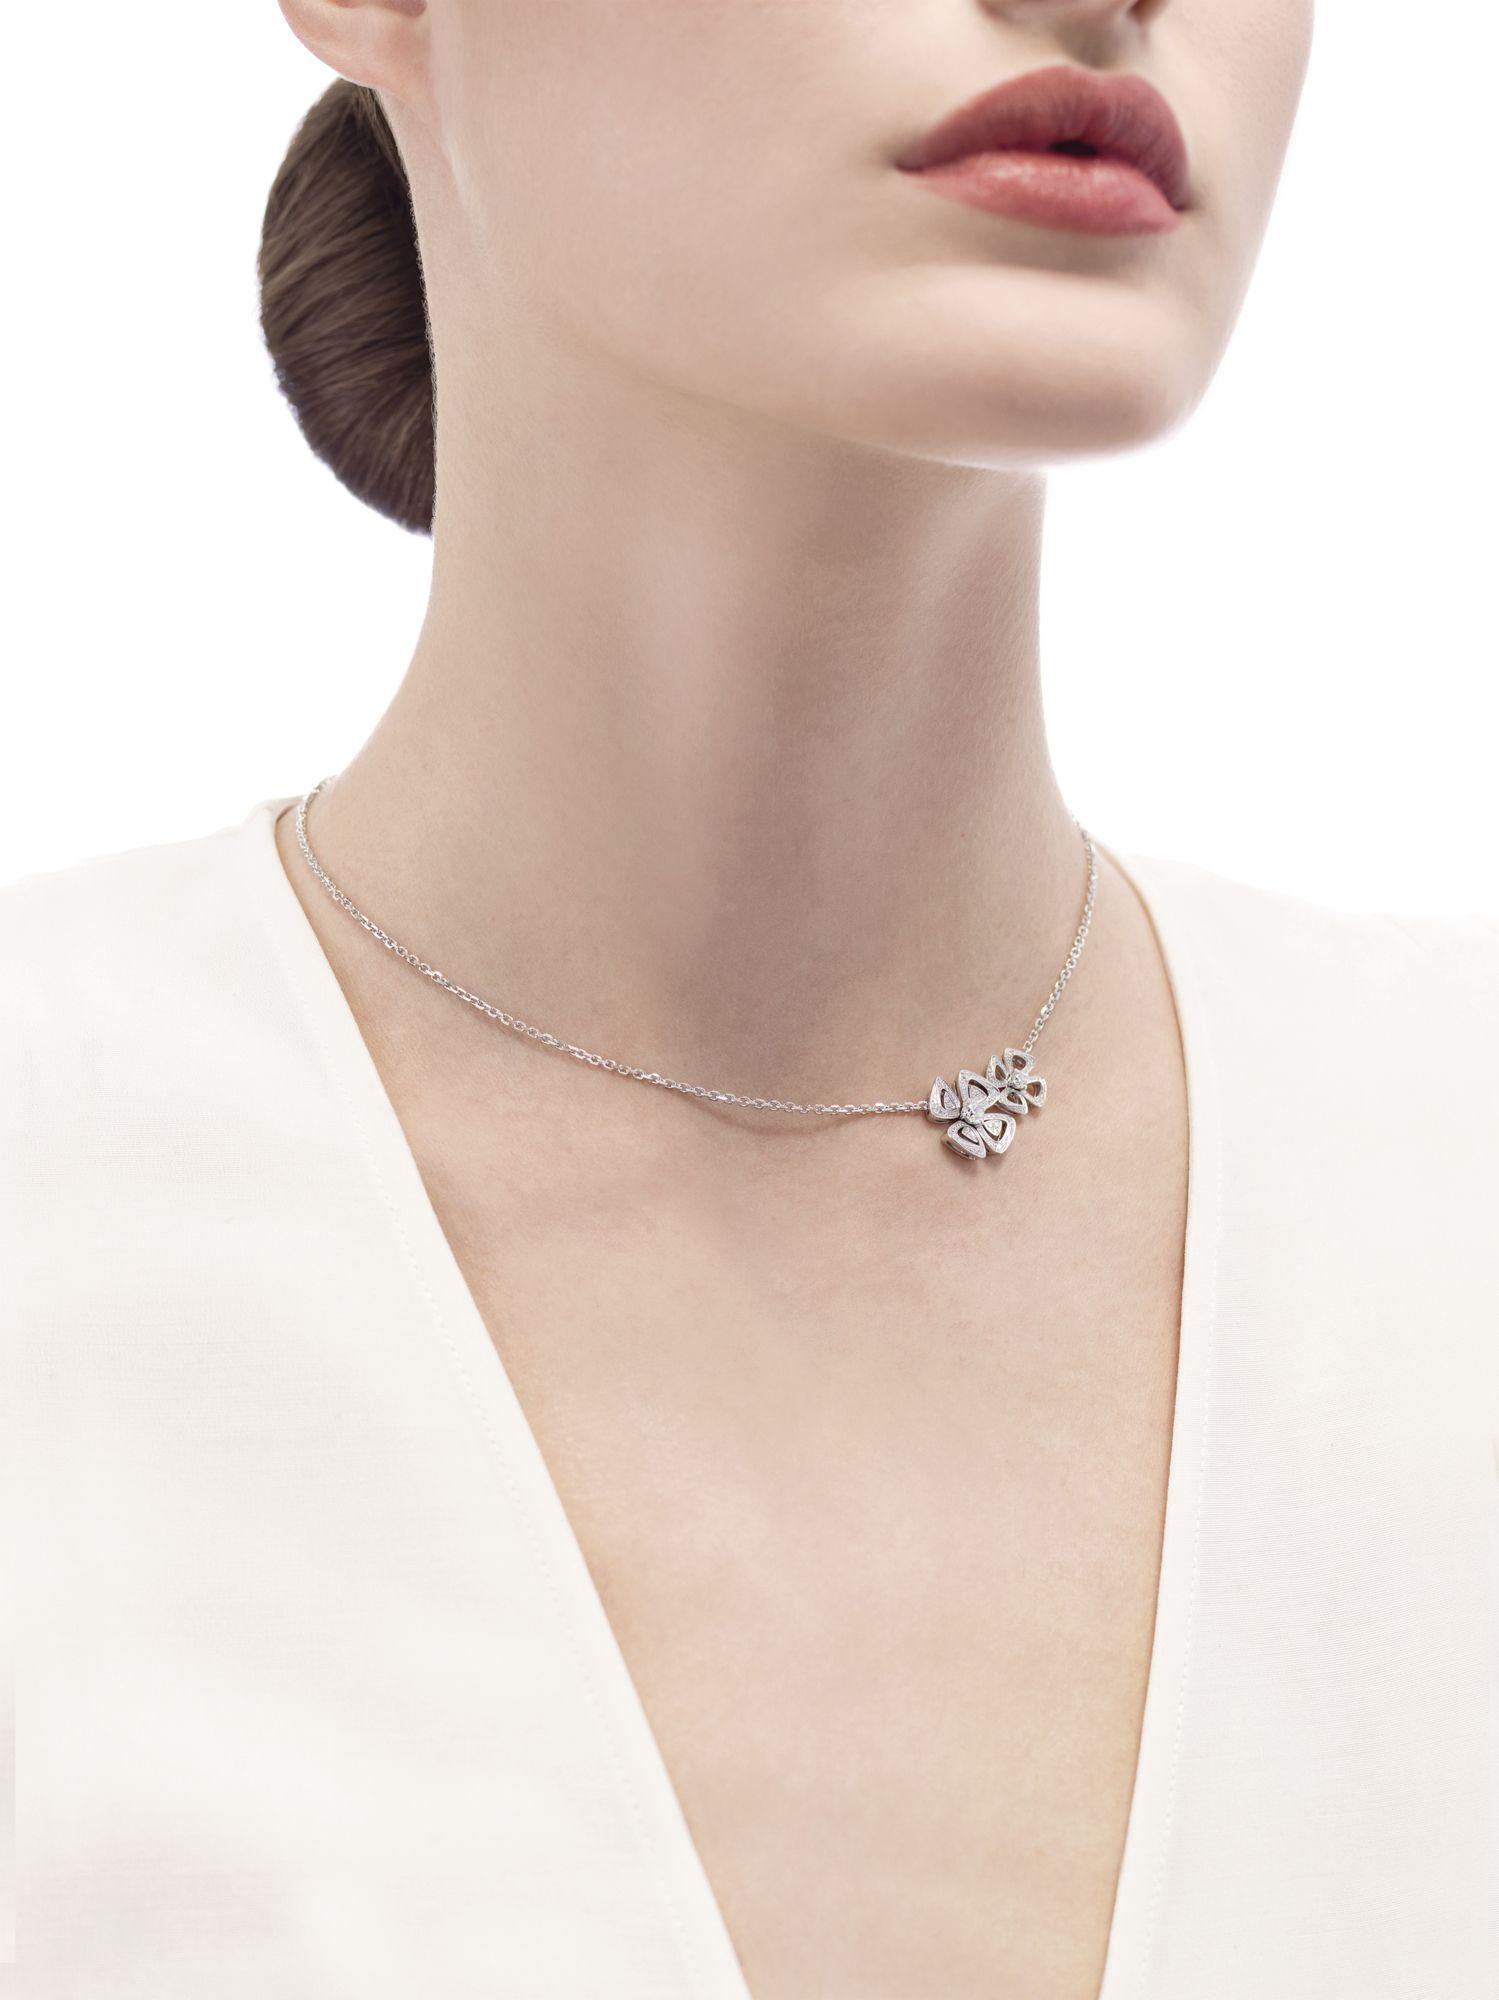 Fiorever necklace in white gold set with diamonds by Bulgari (Photo: Lapo Quagli)